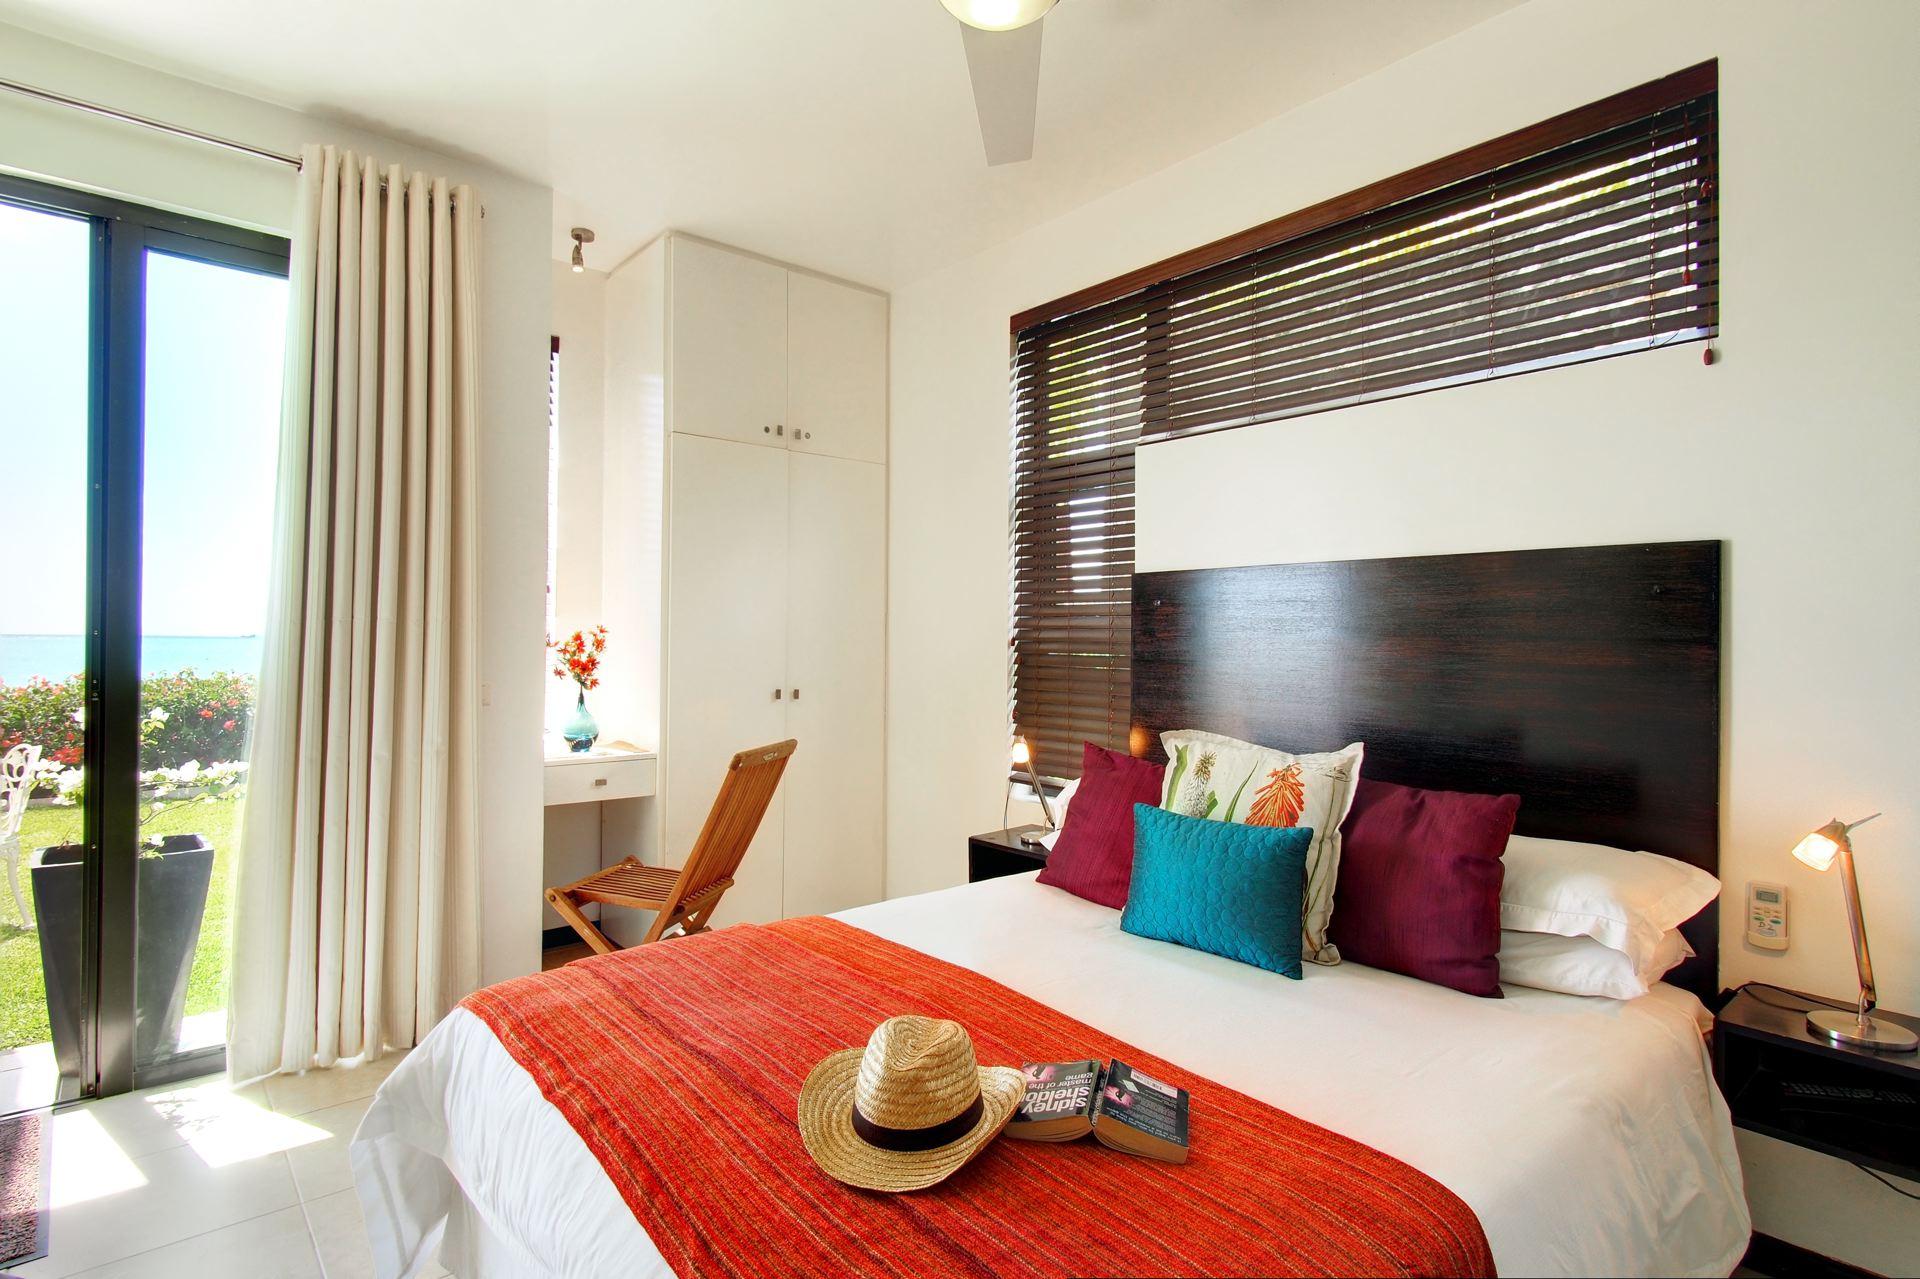 Lov. Le Cerisier Beach Apartments & Penthouses - Bedroom - w.jpg